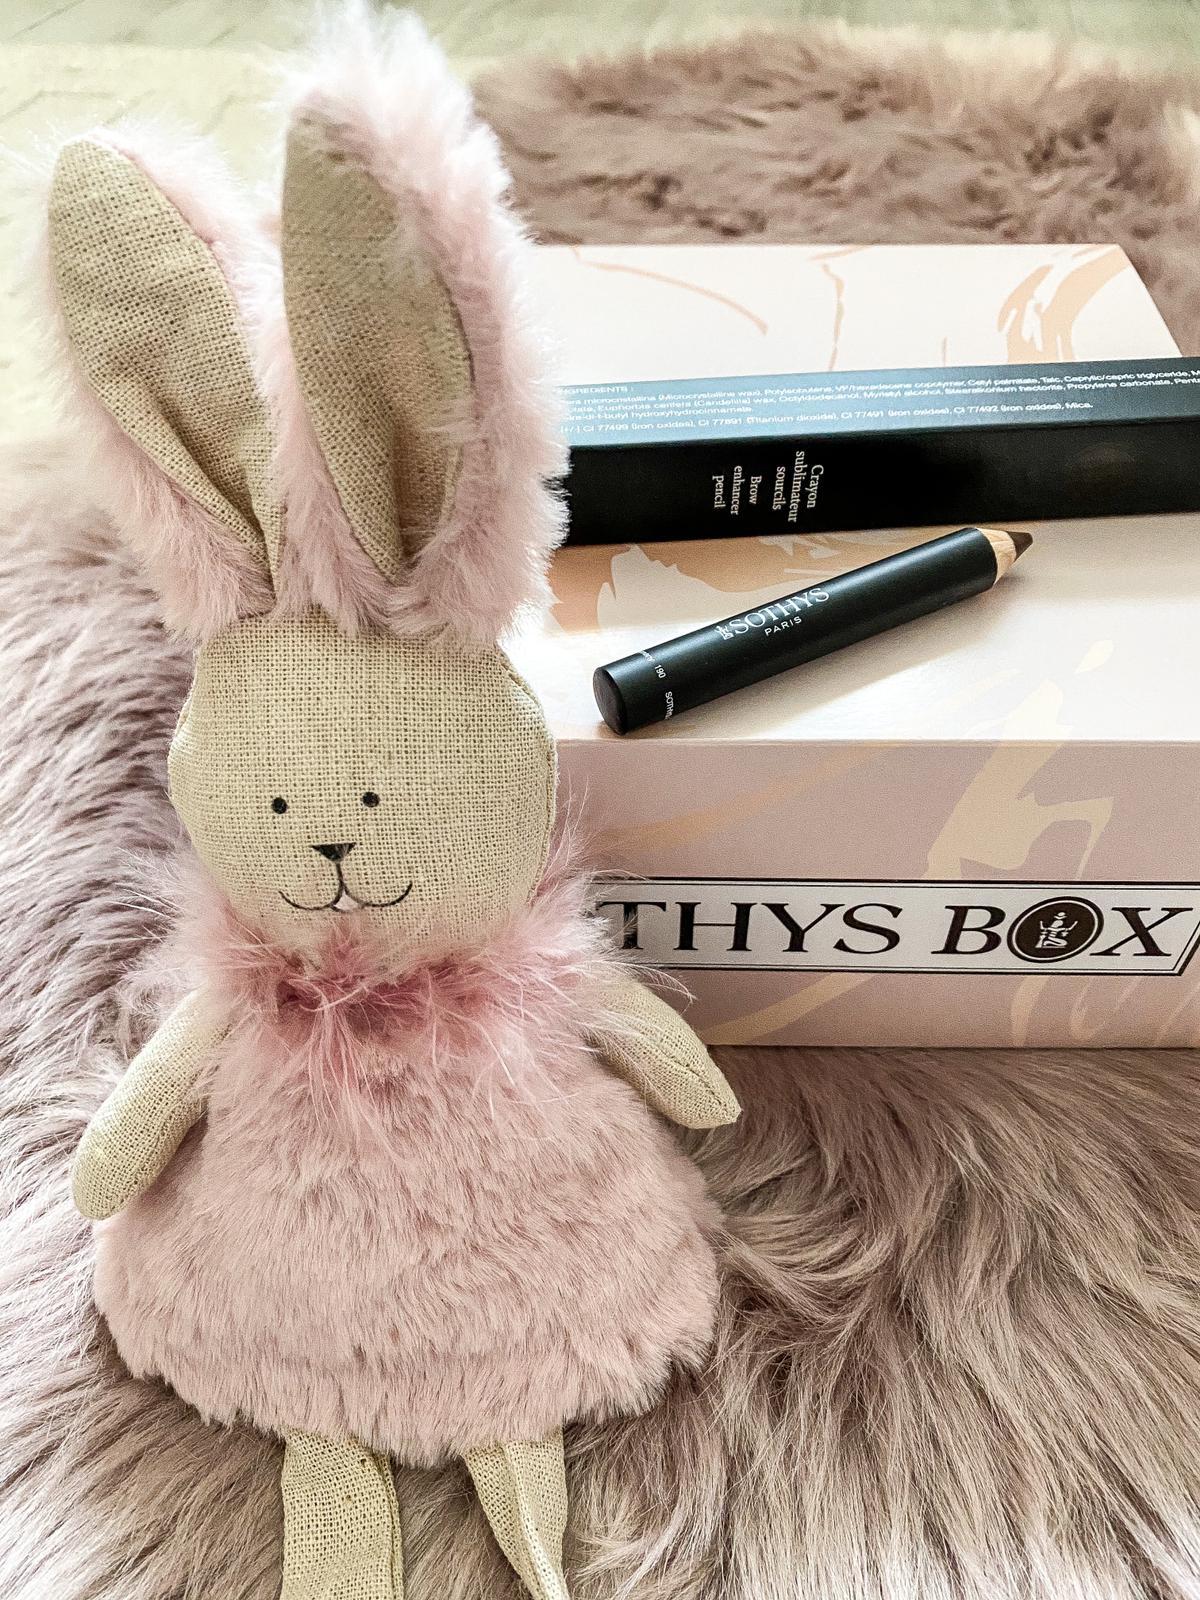 Sothys Box Frühjahr 2021